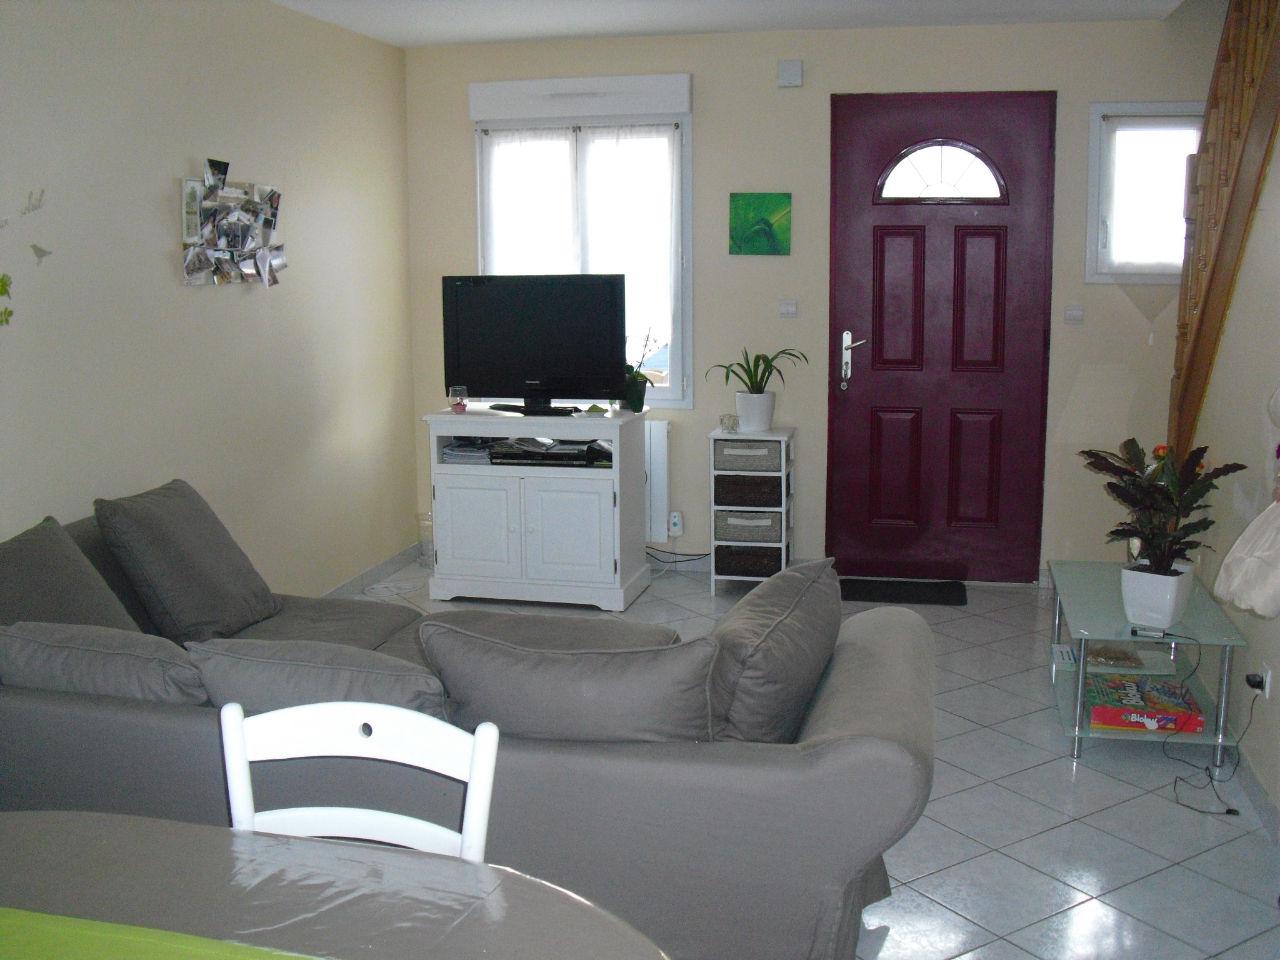 Location maison appartement chartres 28000 sur le partenaire for Louer maison appartement